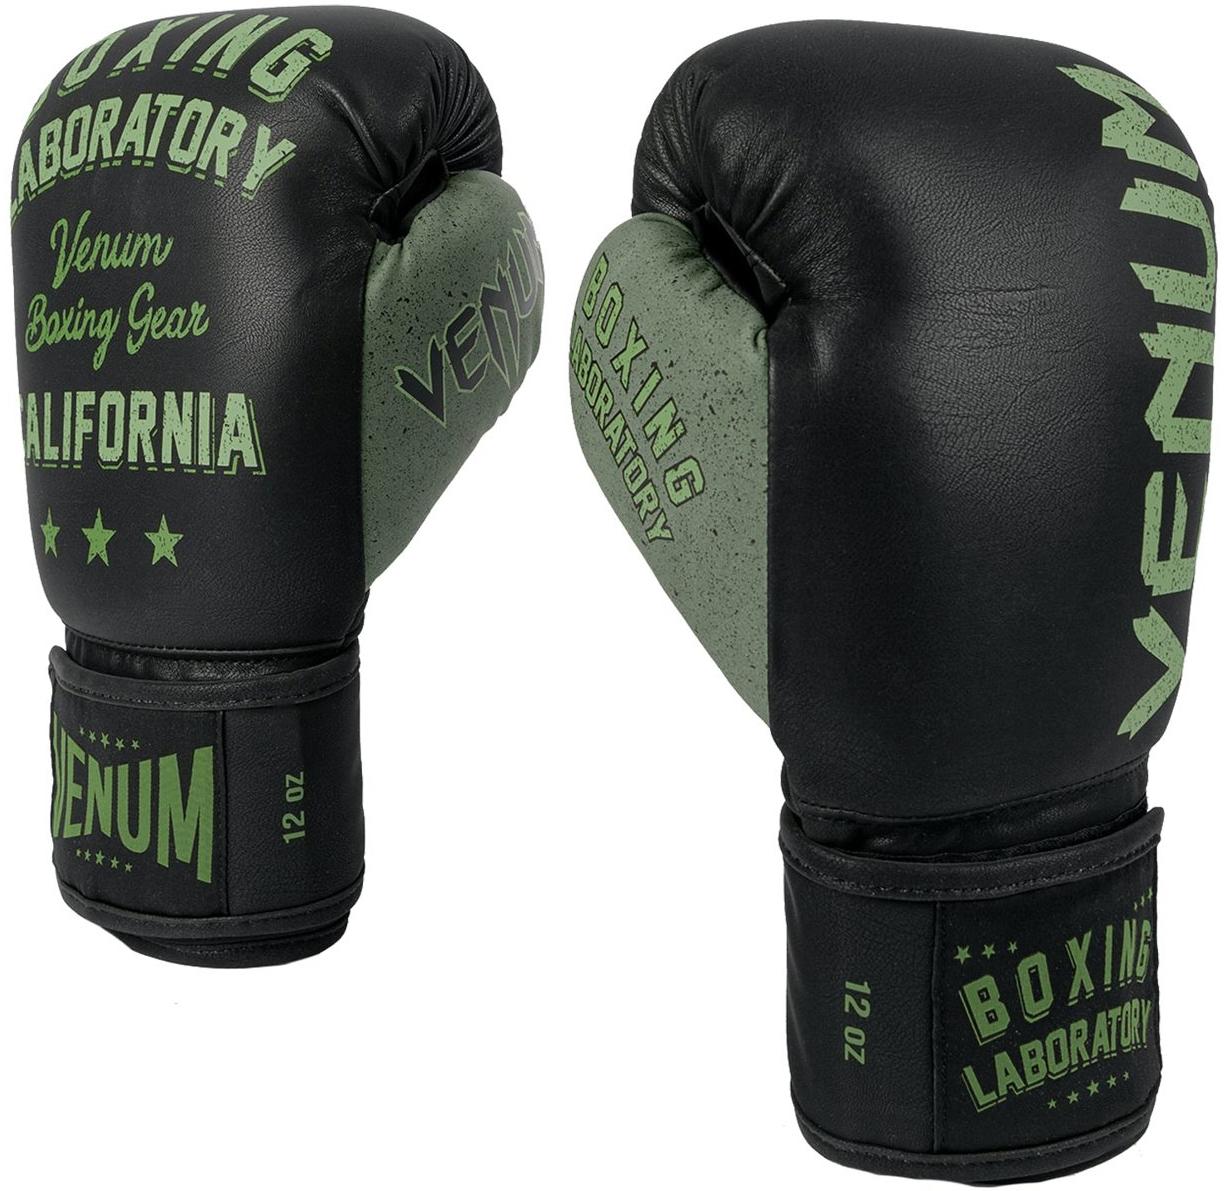 Venum Boxing Lab Gloves - Black/khaki